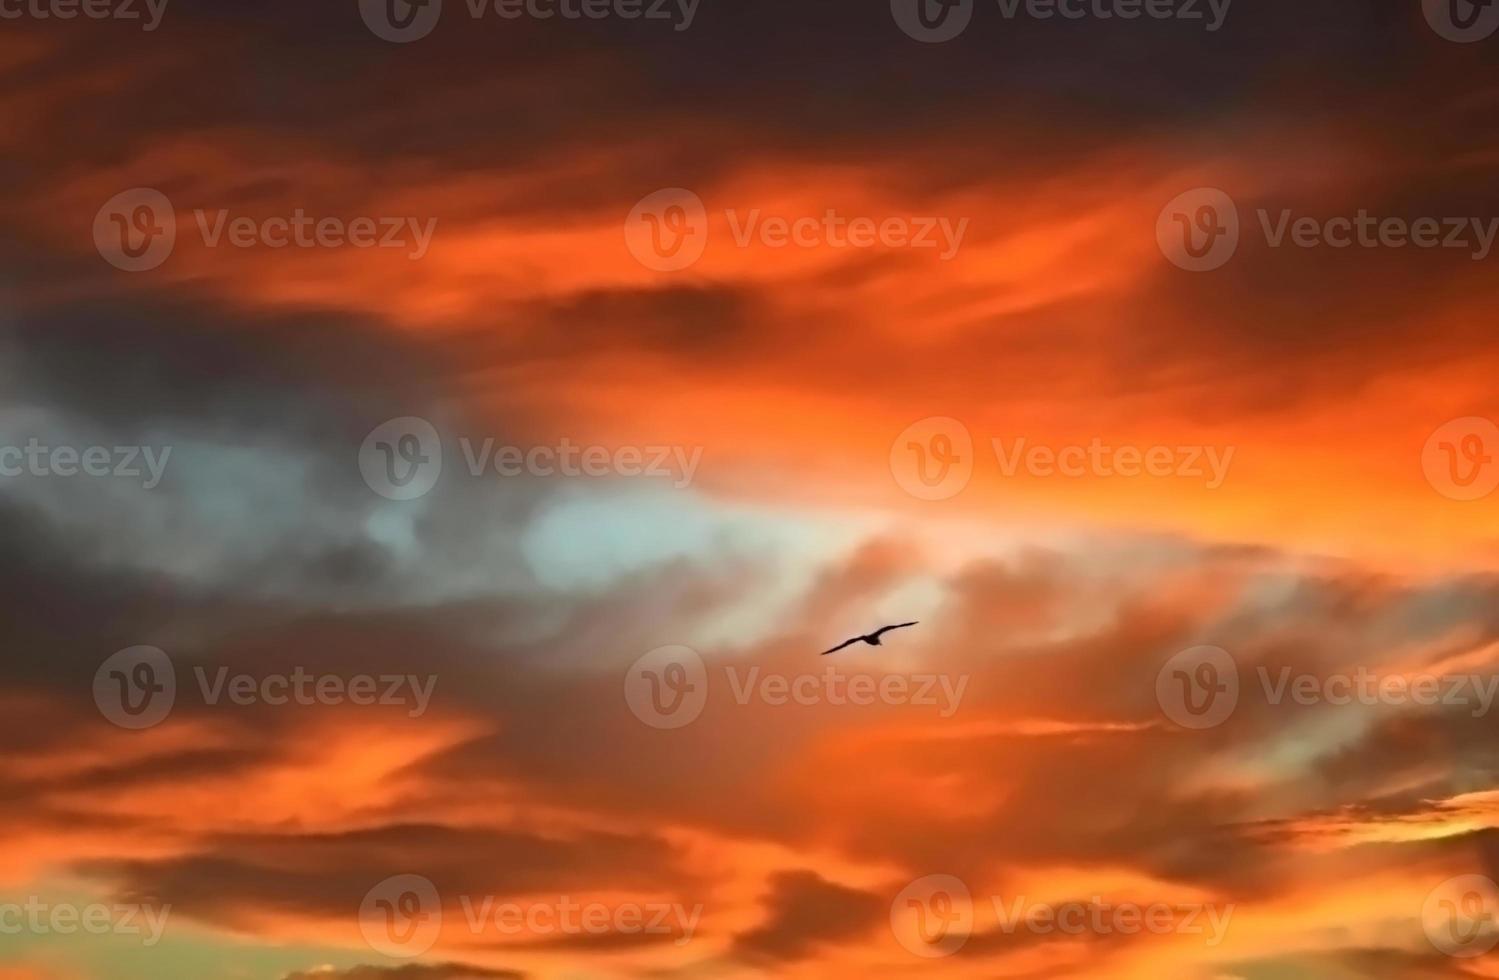 vogel vliegt op een ontslagen hemel foto